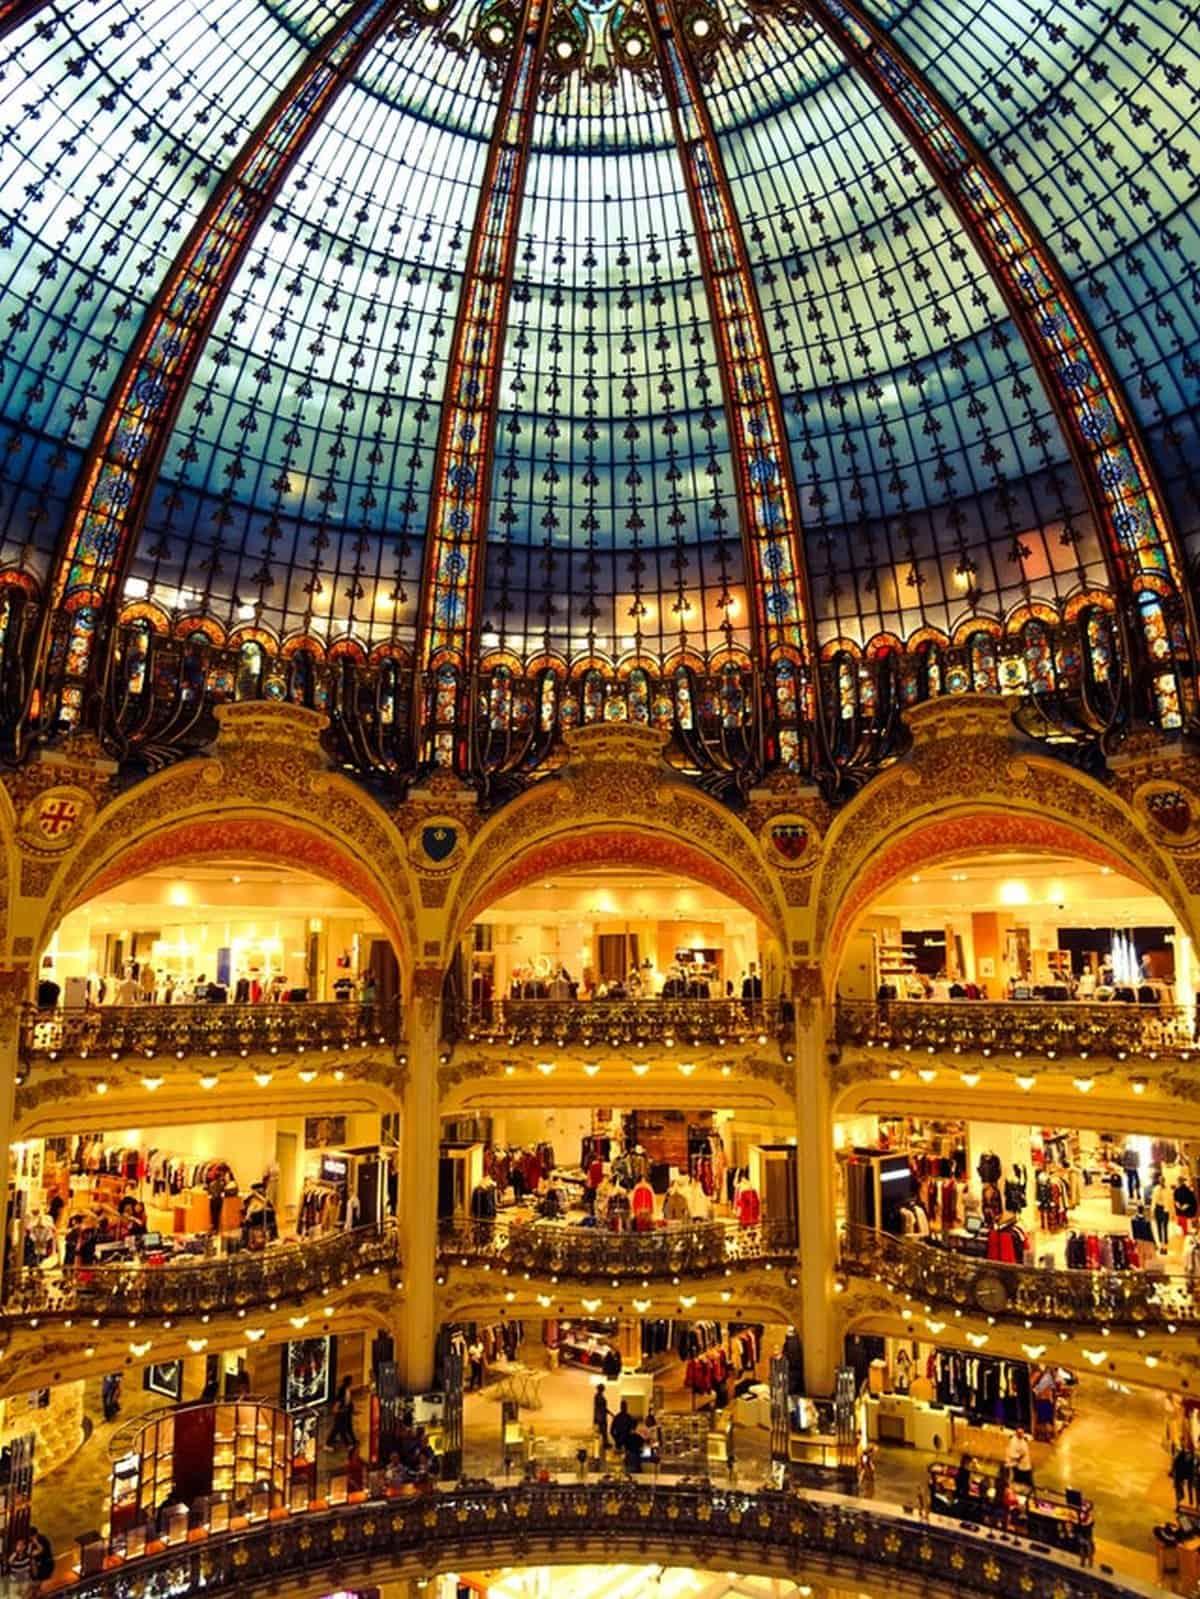 Lafayette Gallery, Paris, France